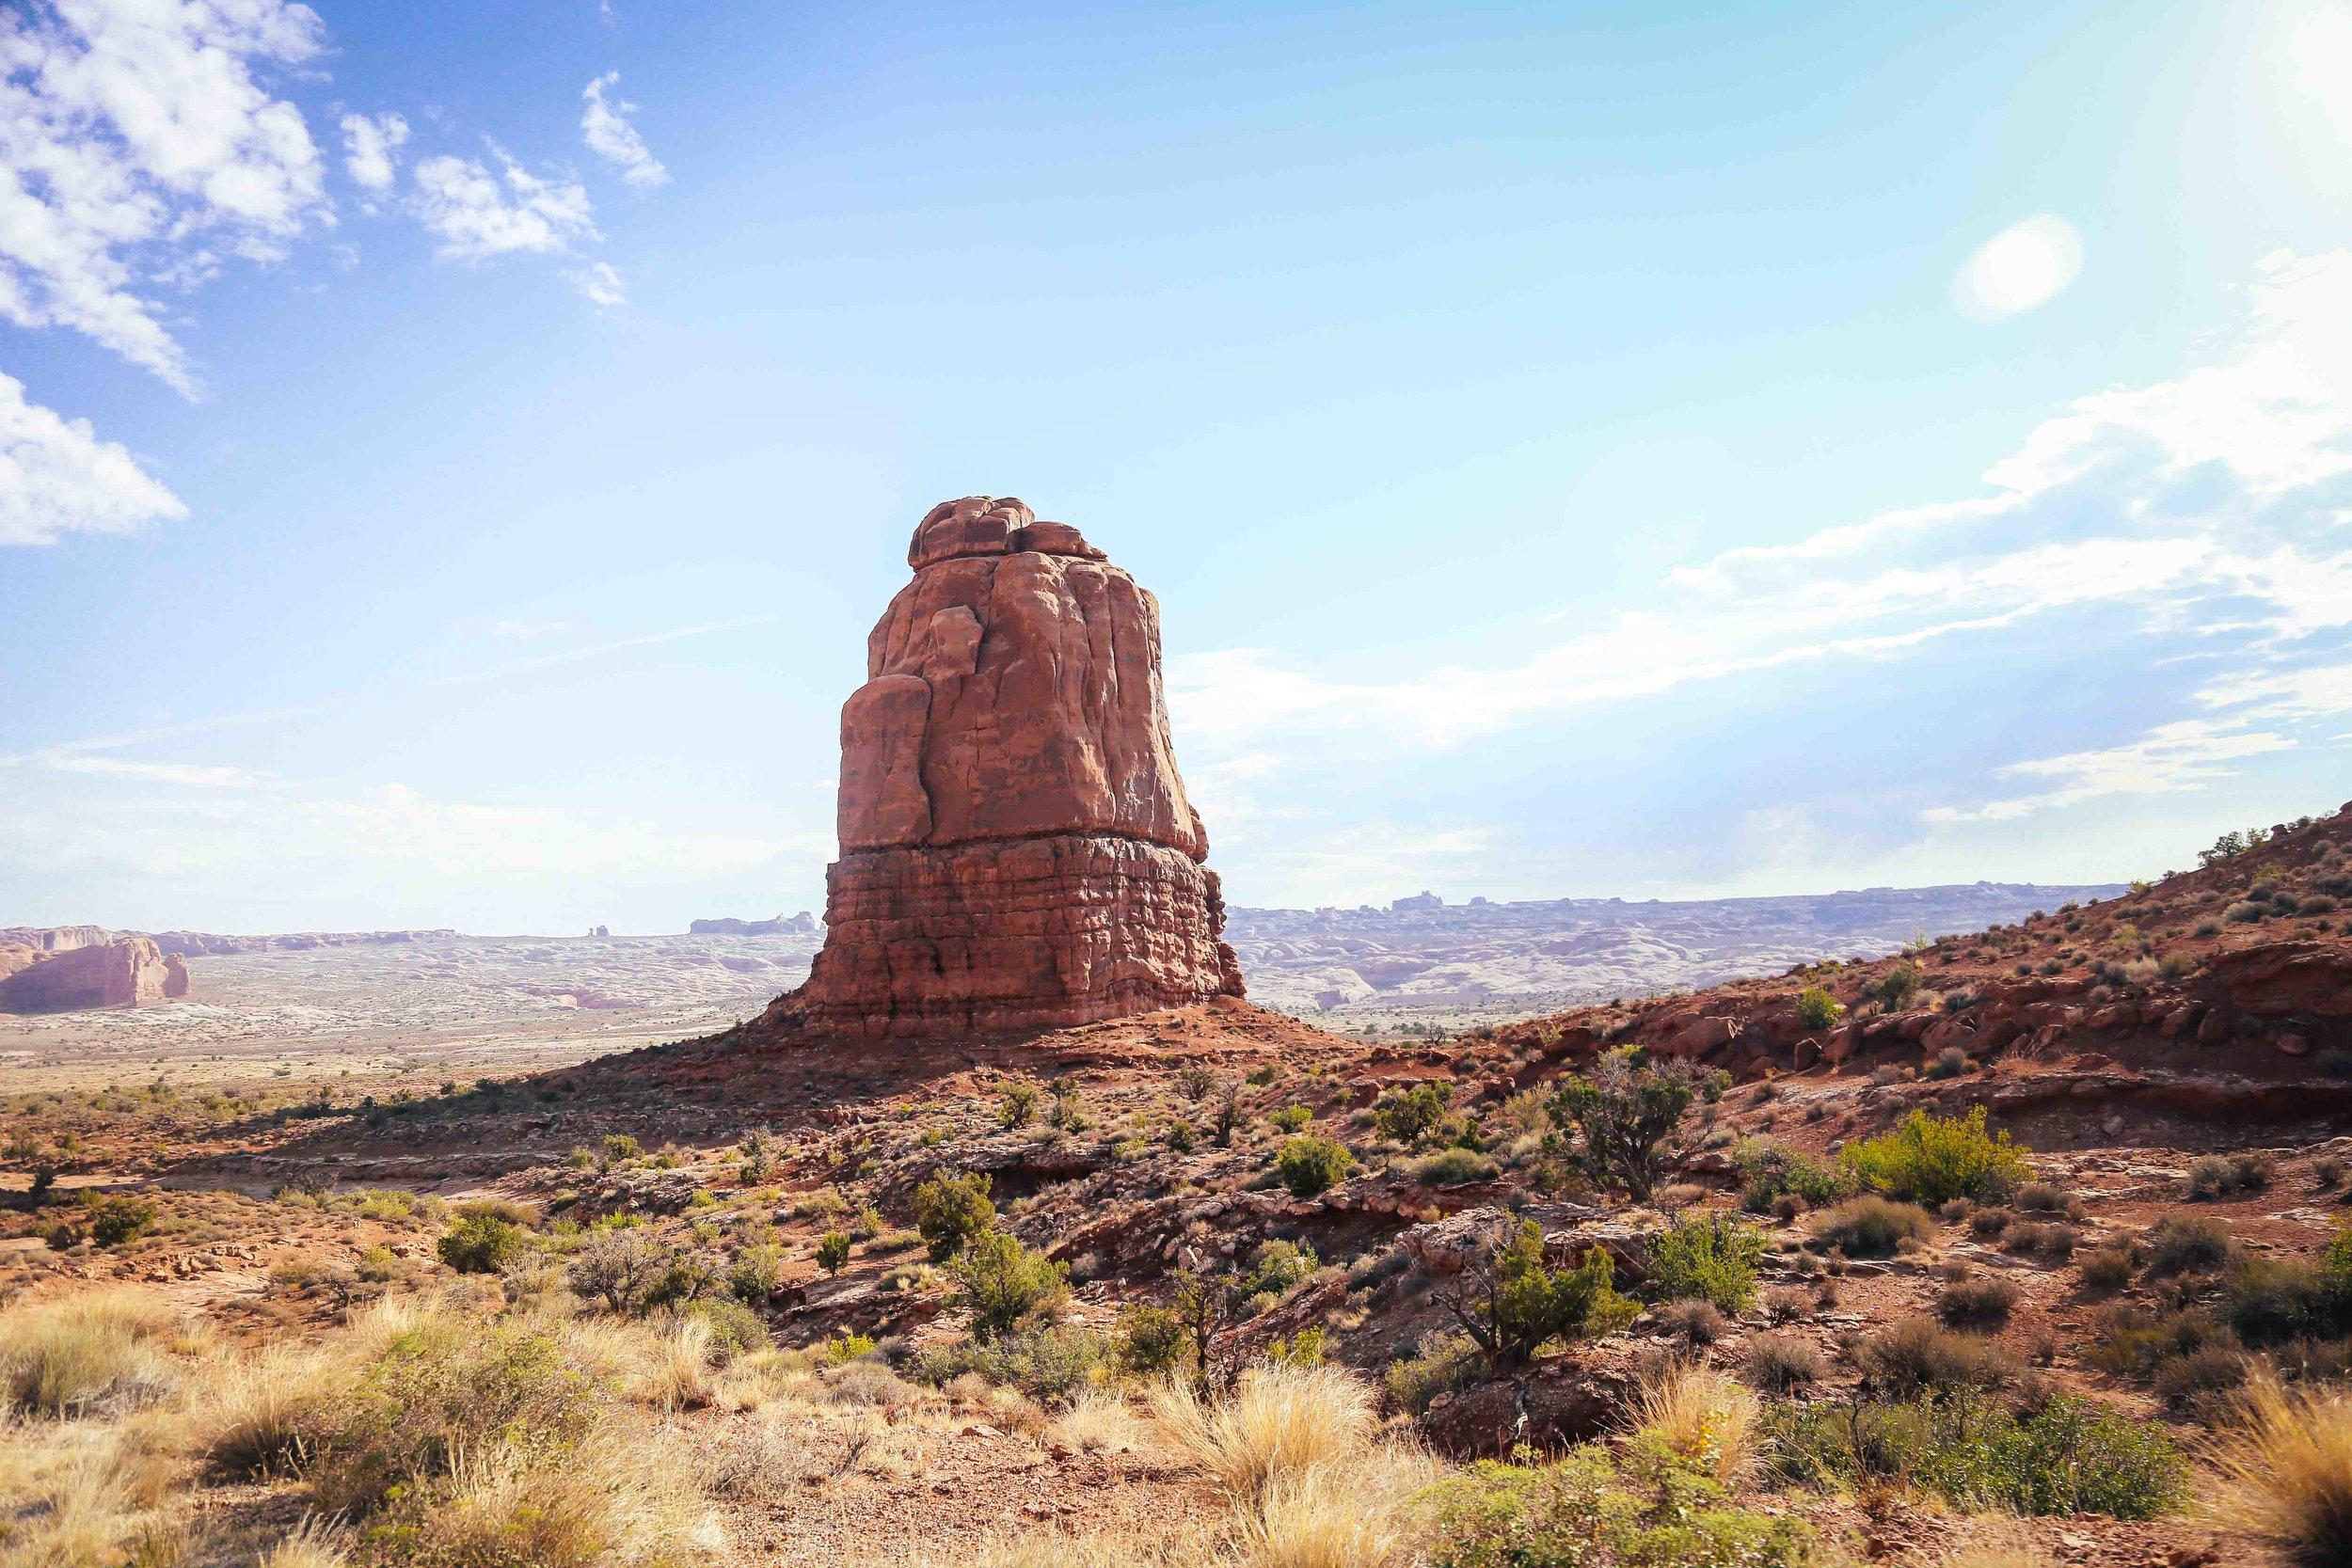 Moab, Utah | shot by Ting